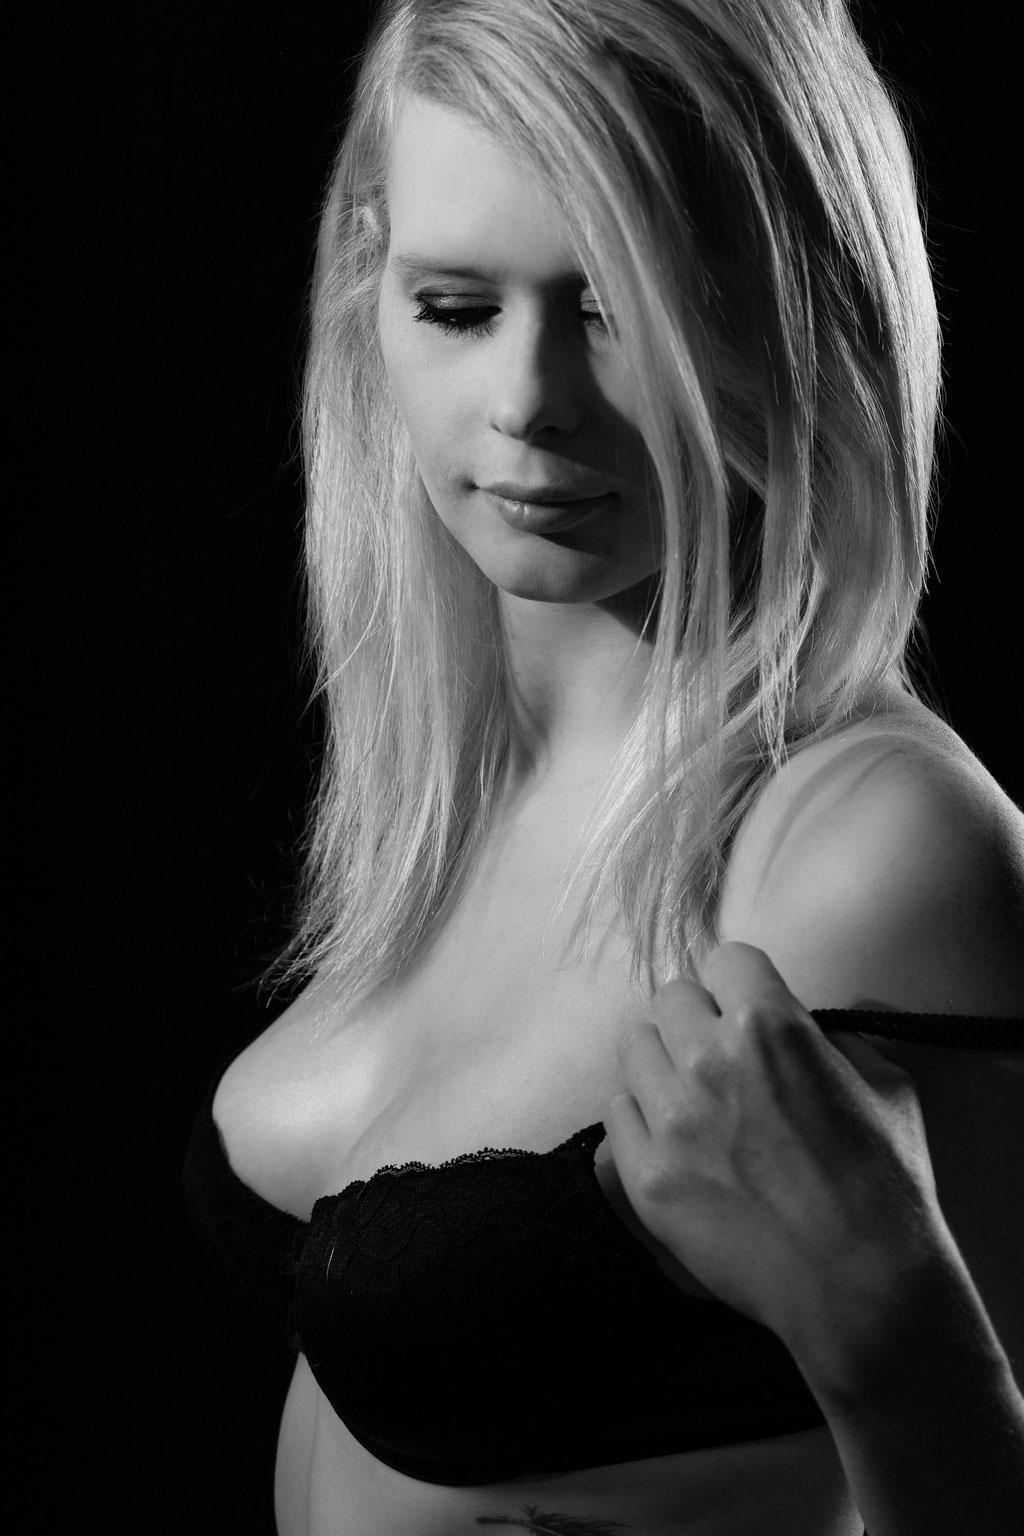 Erotisches Unterwäsche Shooting im Studio als Geschenk für den Freund